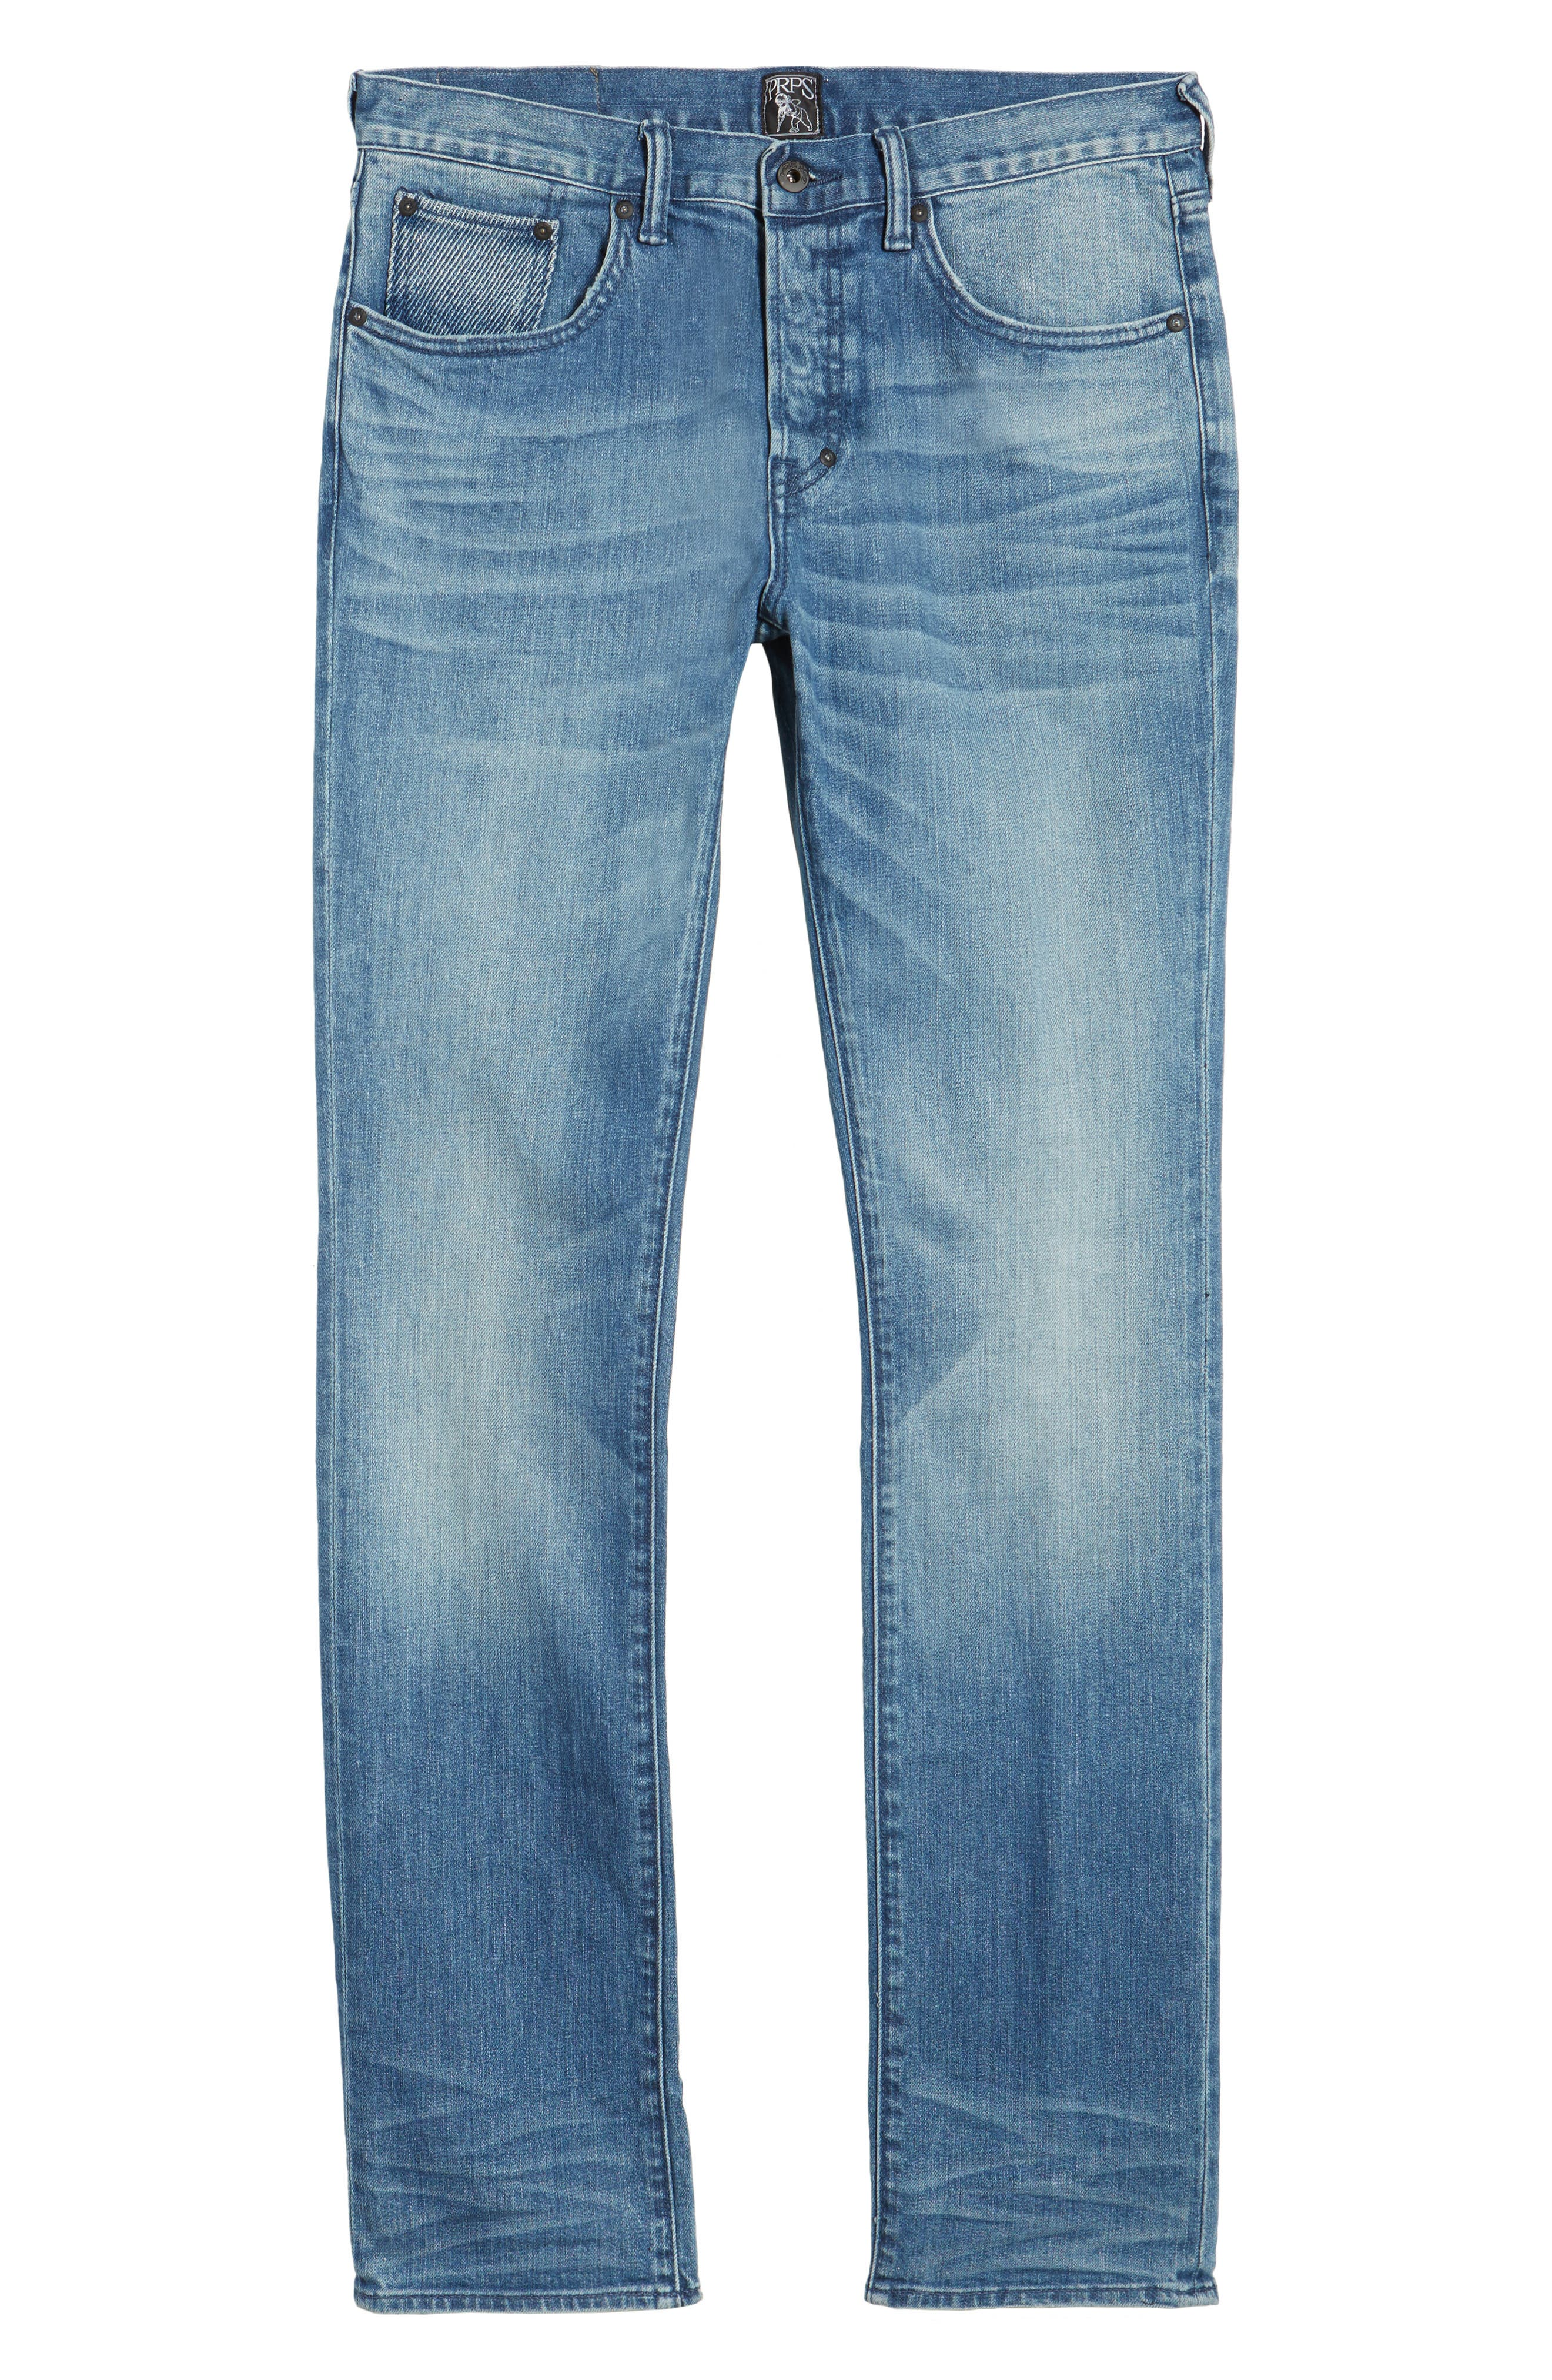 Denim Slim Straight Leg Jeans,                             Alternate thumbnail 6, color,                             Light Blue